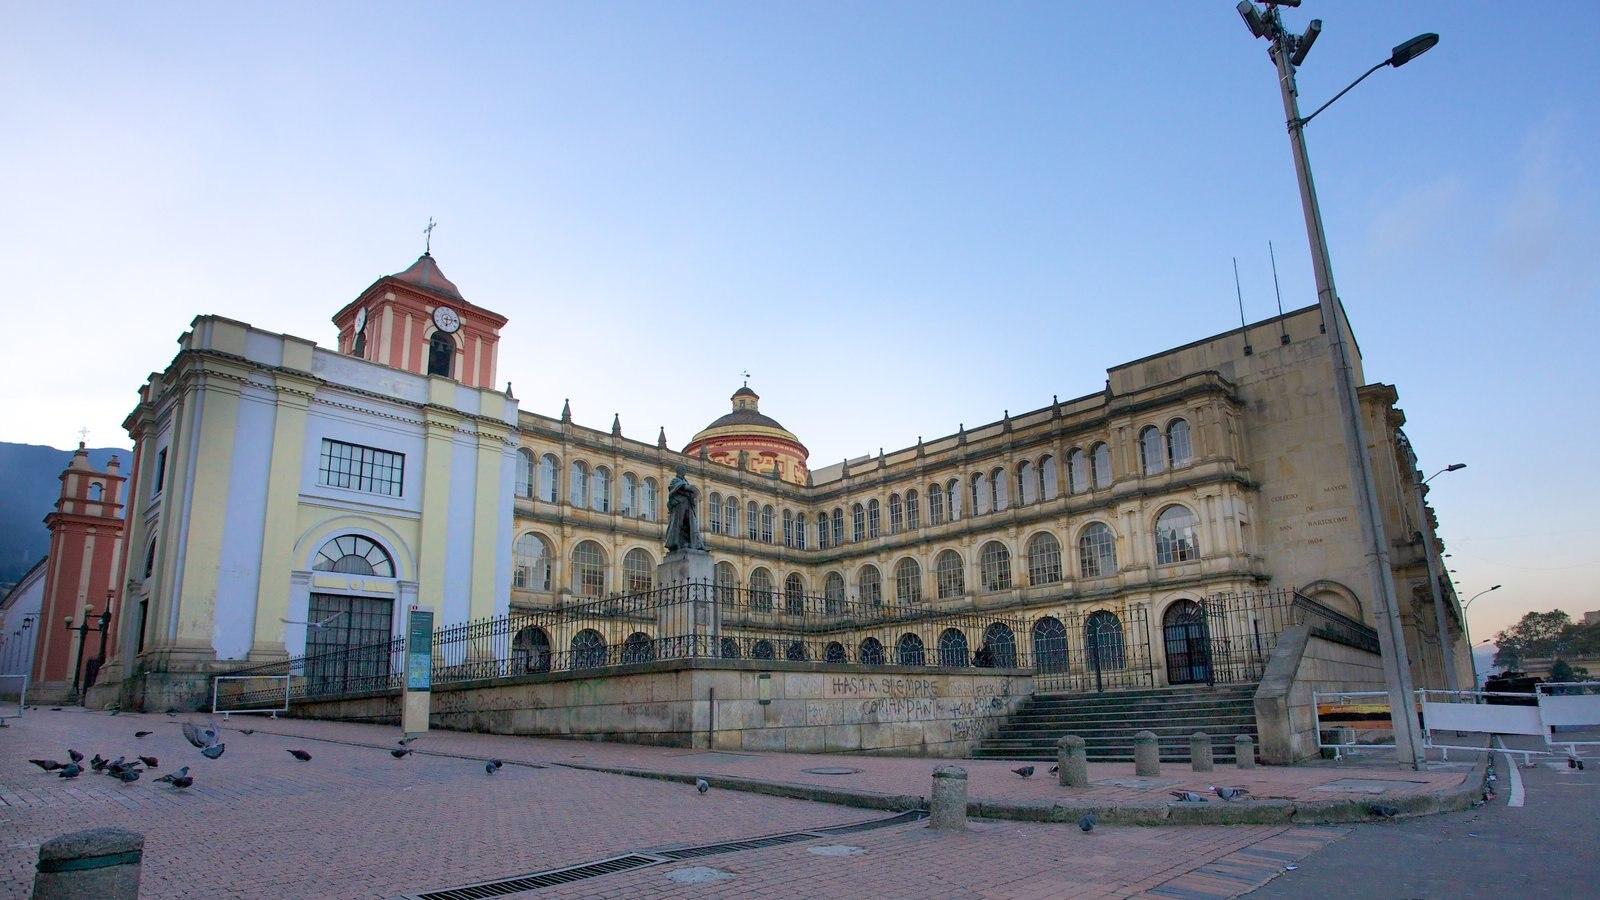 Catedral Primada mostrando uma igreja ou catedral, uma cidade e arquitetura de patrimônio